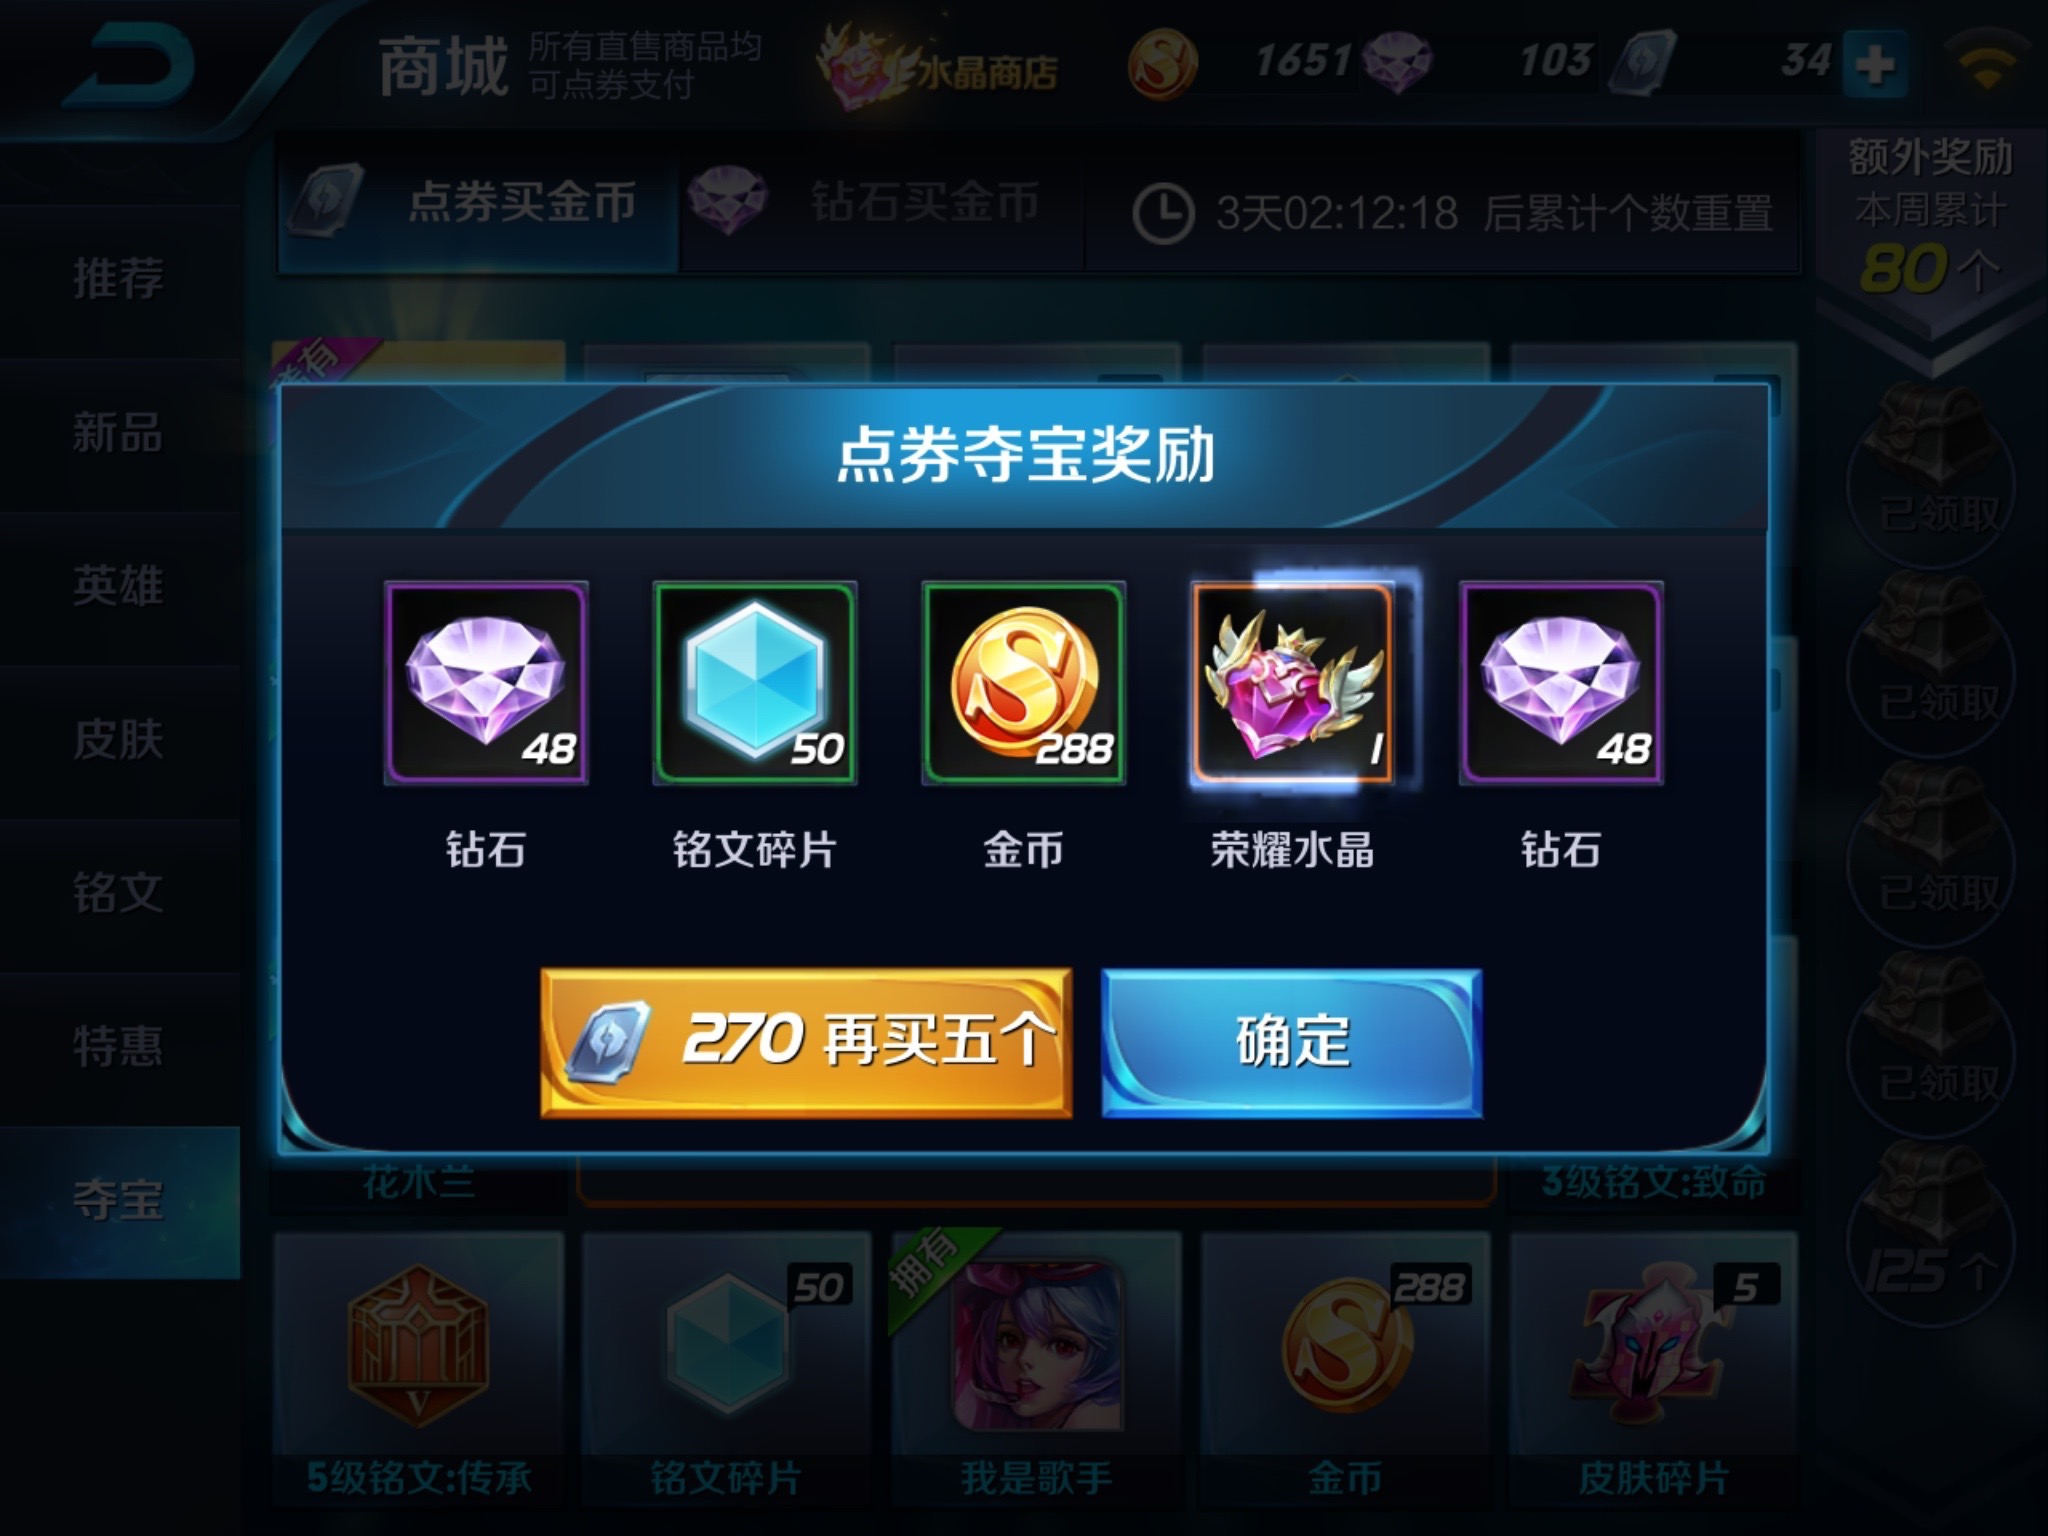 荣耀水晶!!!!!!!!!!!